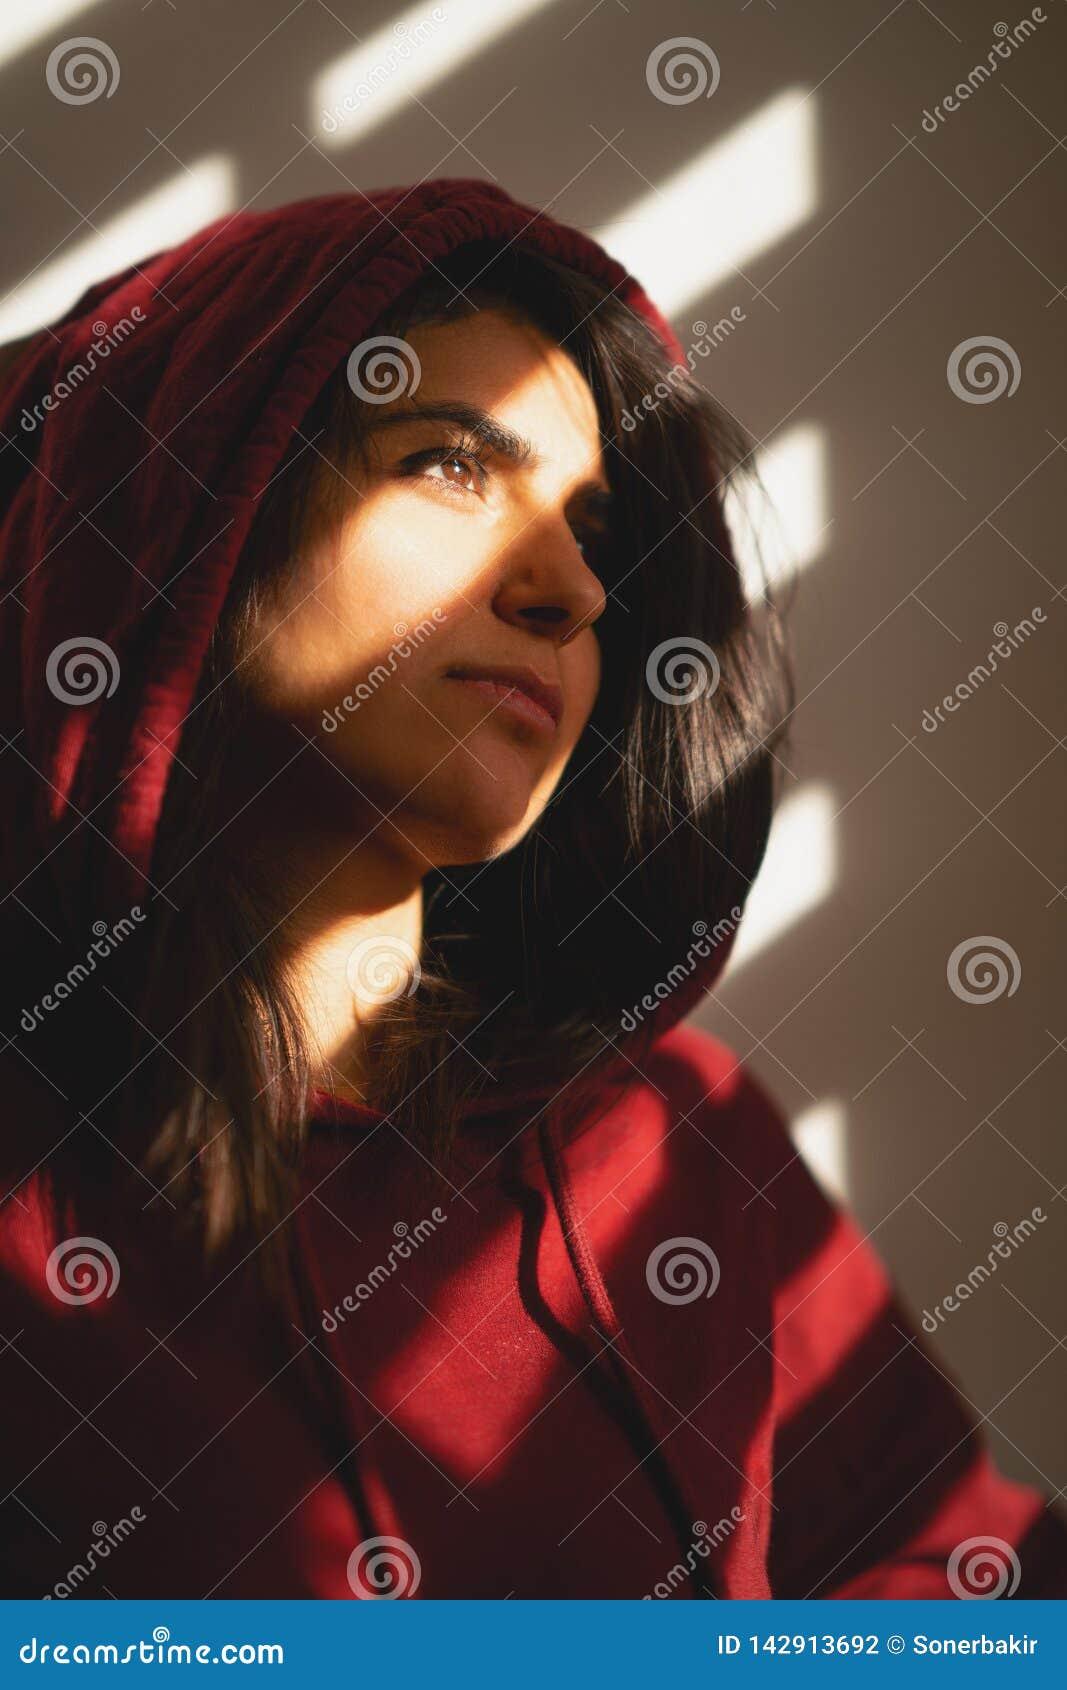 Den olyckliga flickan står bara på fönsterrullgardinerna